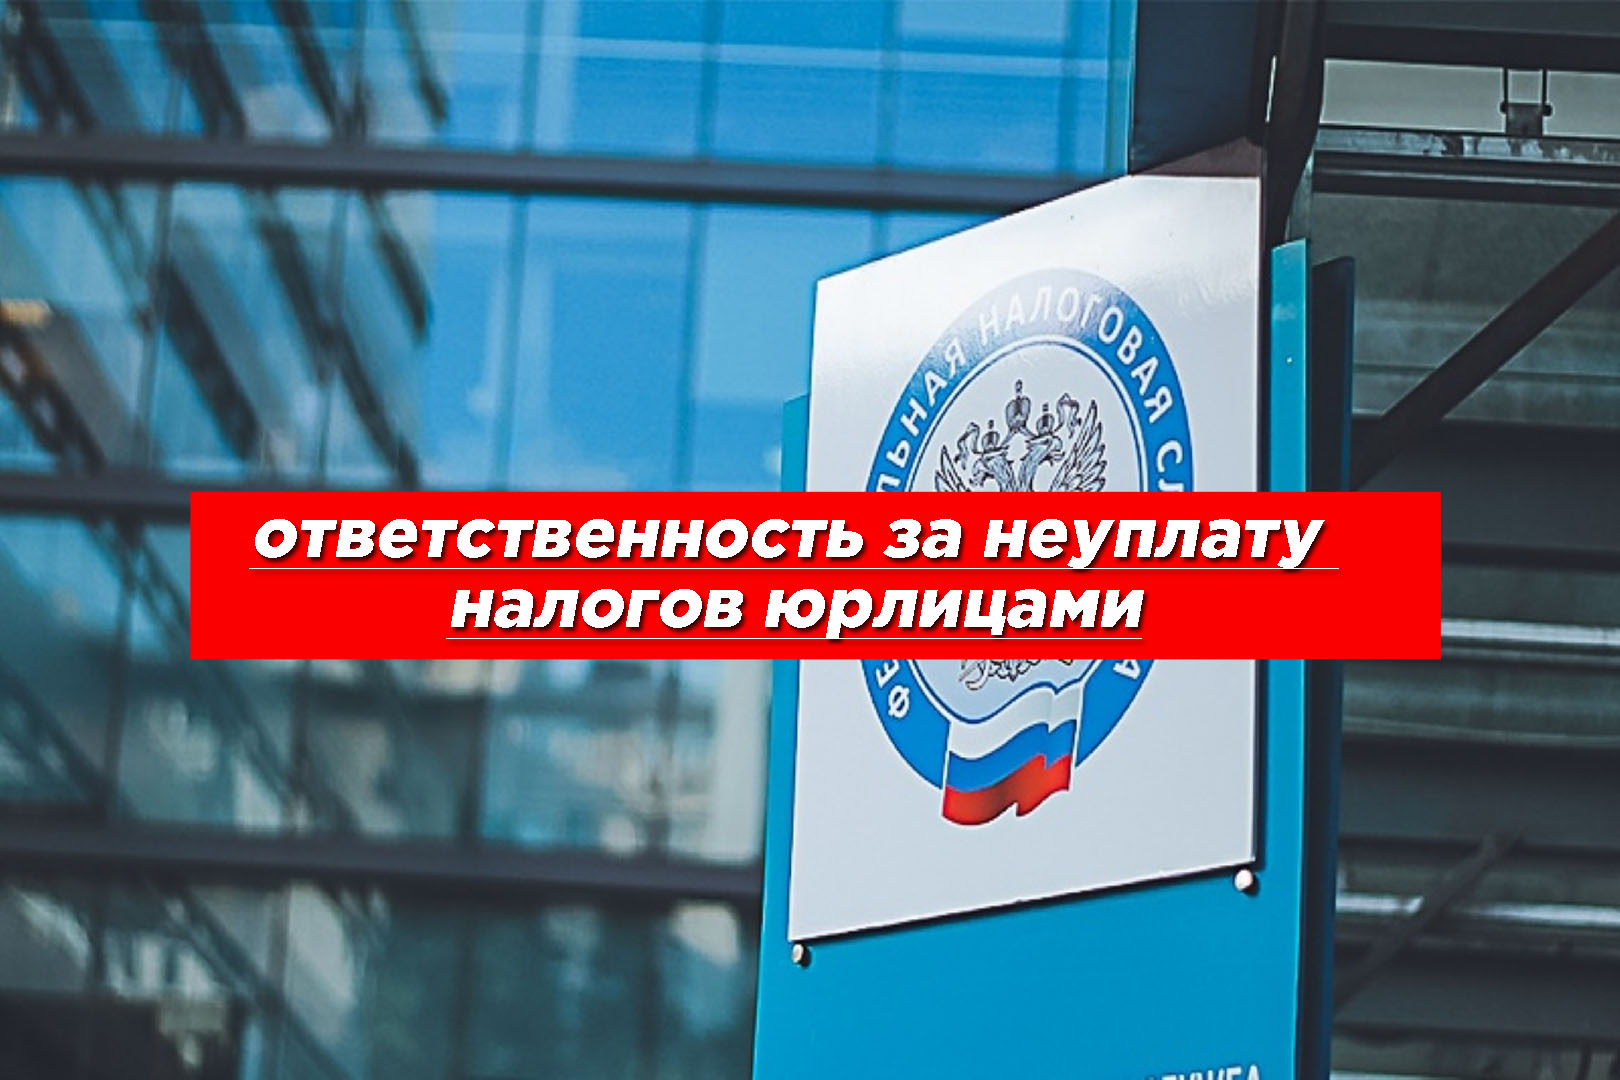 Статья 199 УК РФ: ответственность за неуплату налогов юрлицами